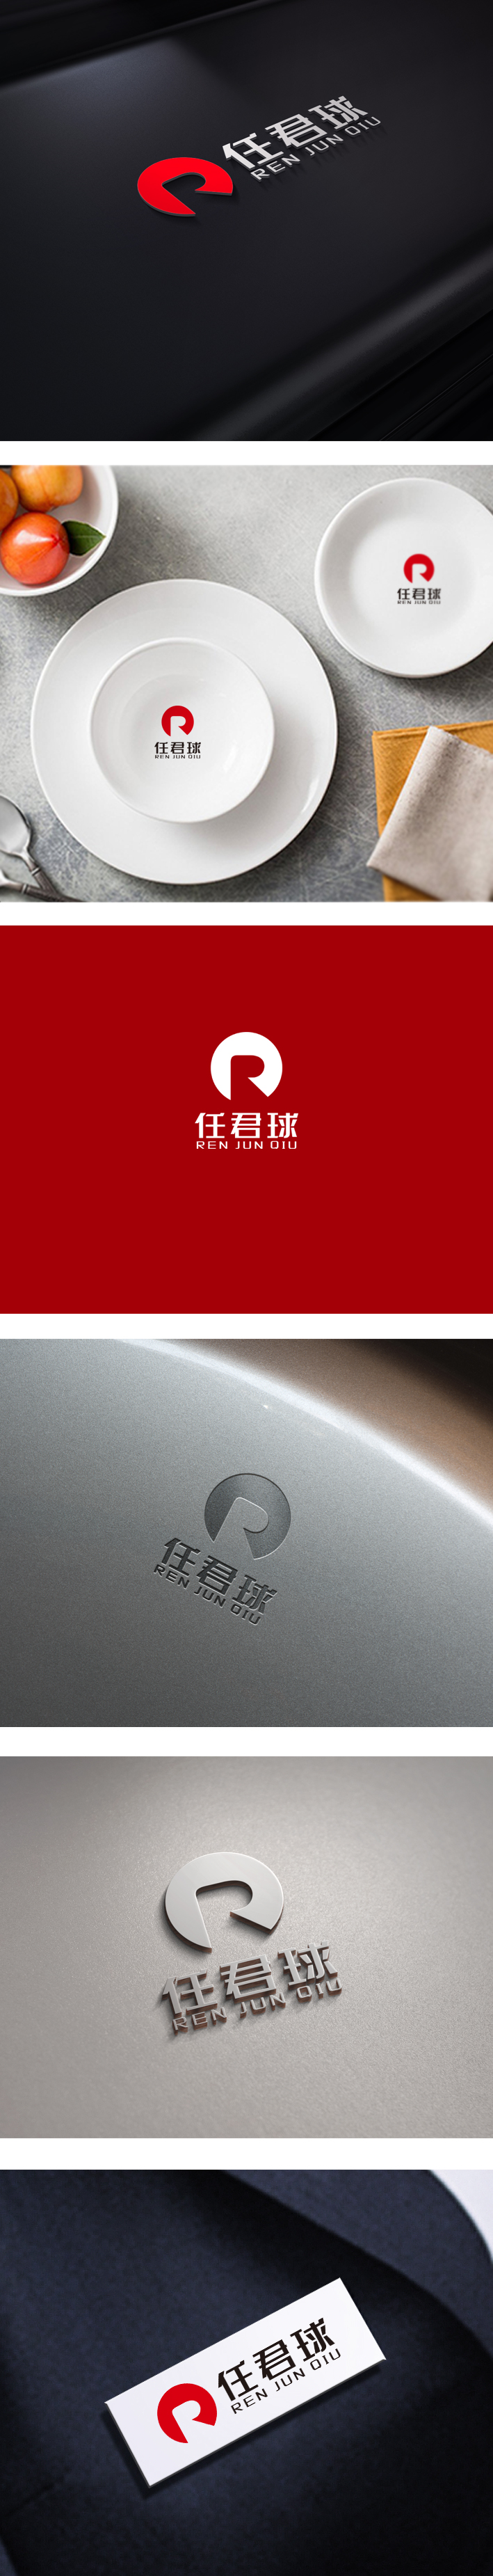 家居用品logo设计_3037963_k68威客网